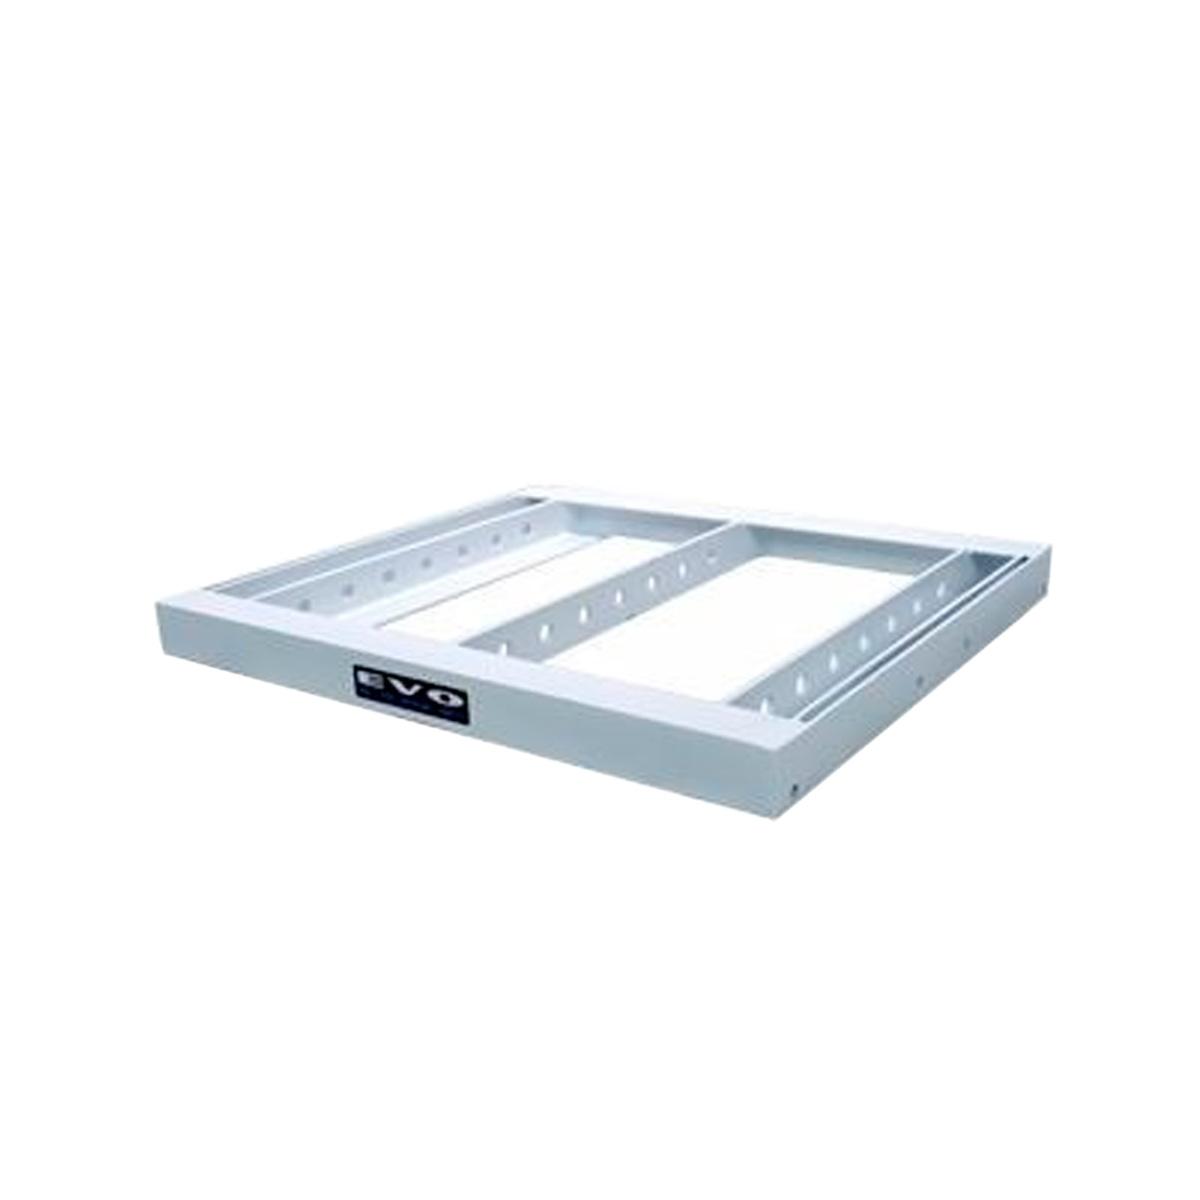 OBL60 - Bumper OBL 60 Branco p/ Line OLA 260 / OLS 1018 - Oneal